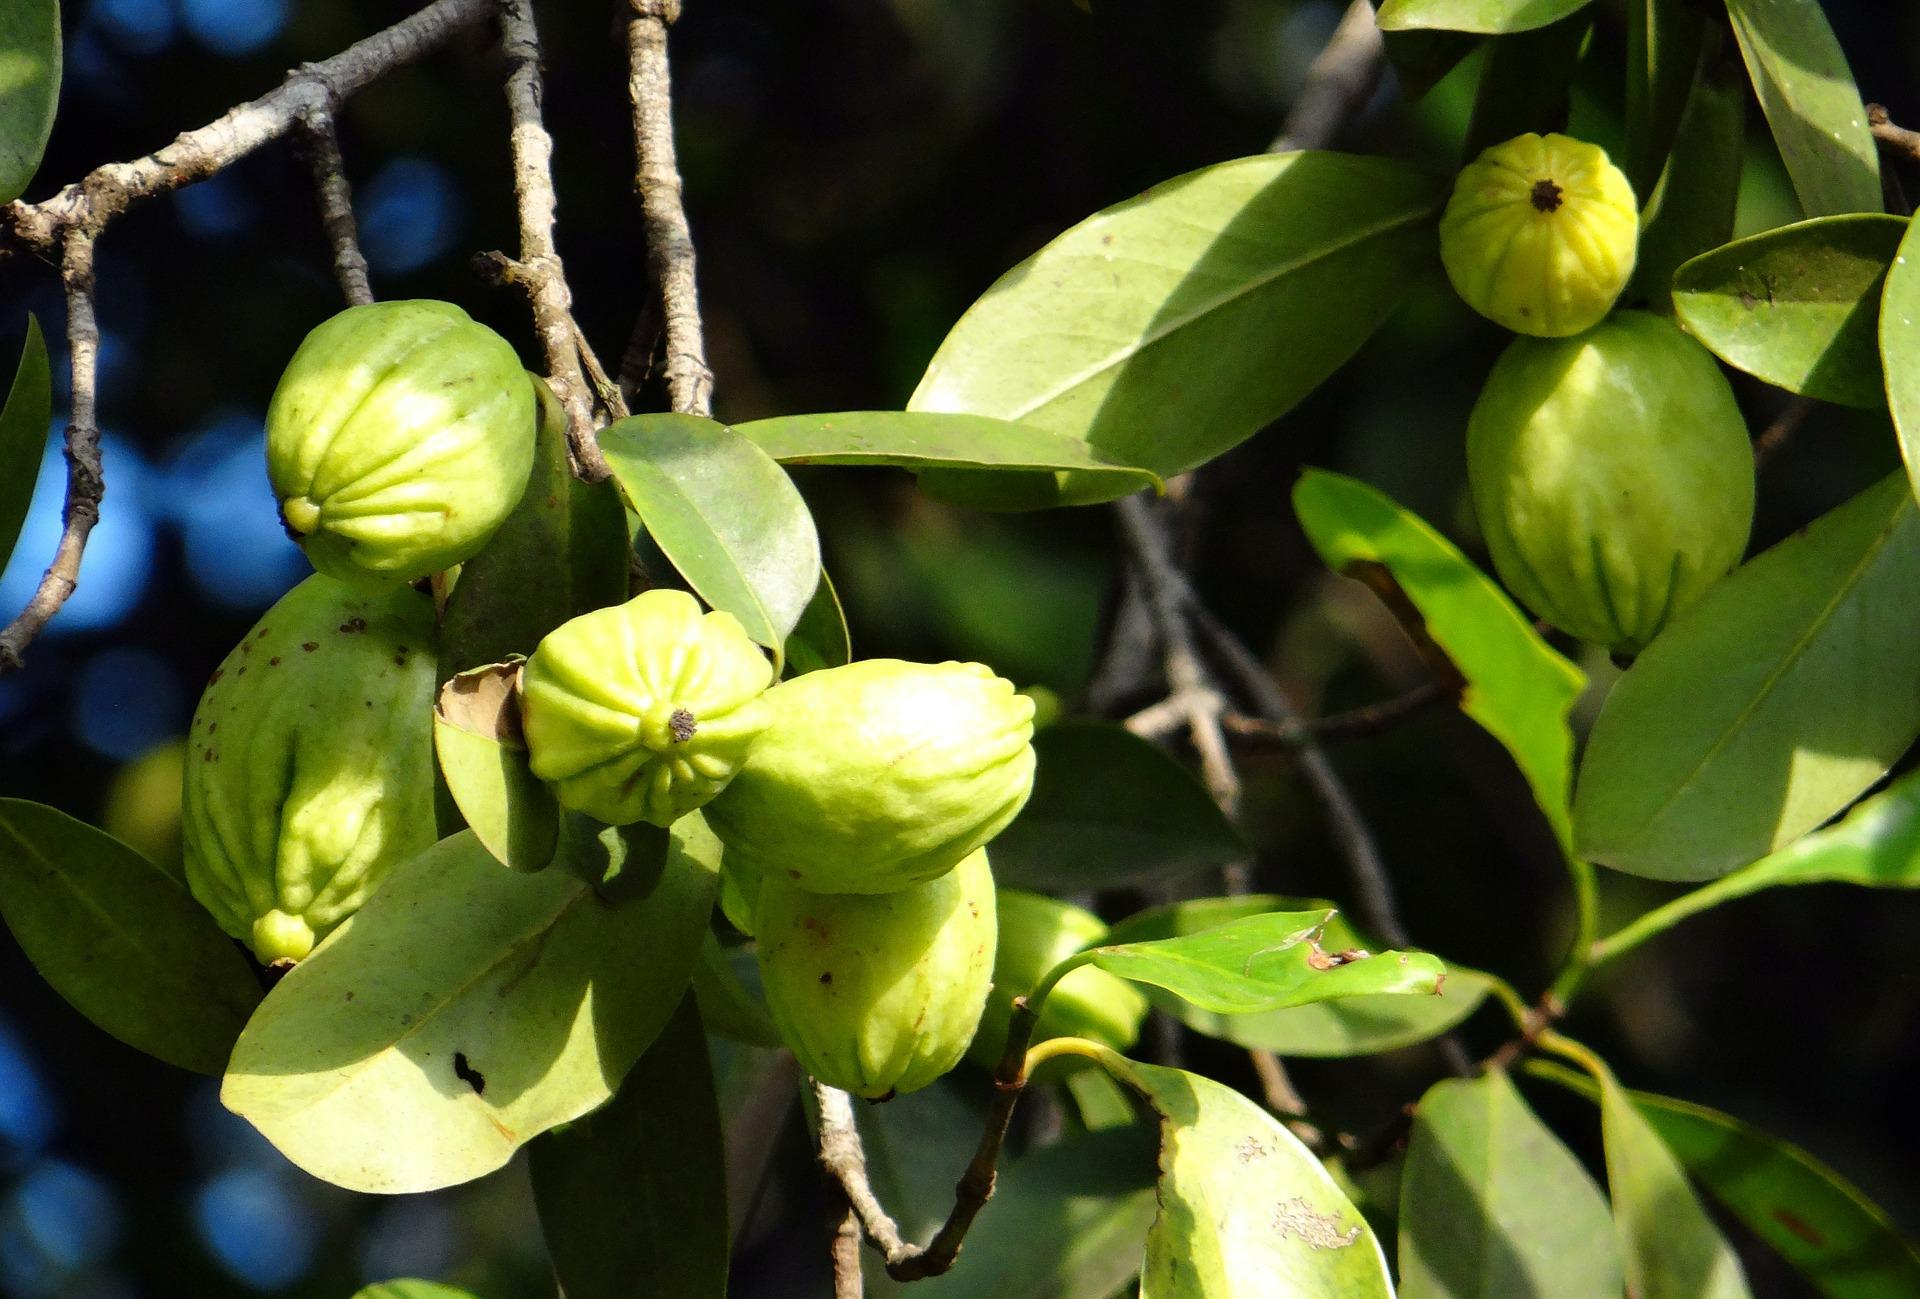 garcinia cambogia plante medicinale